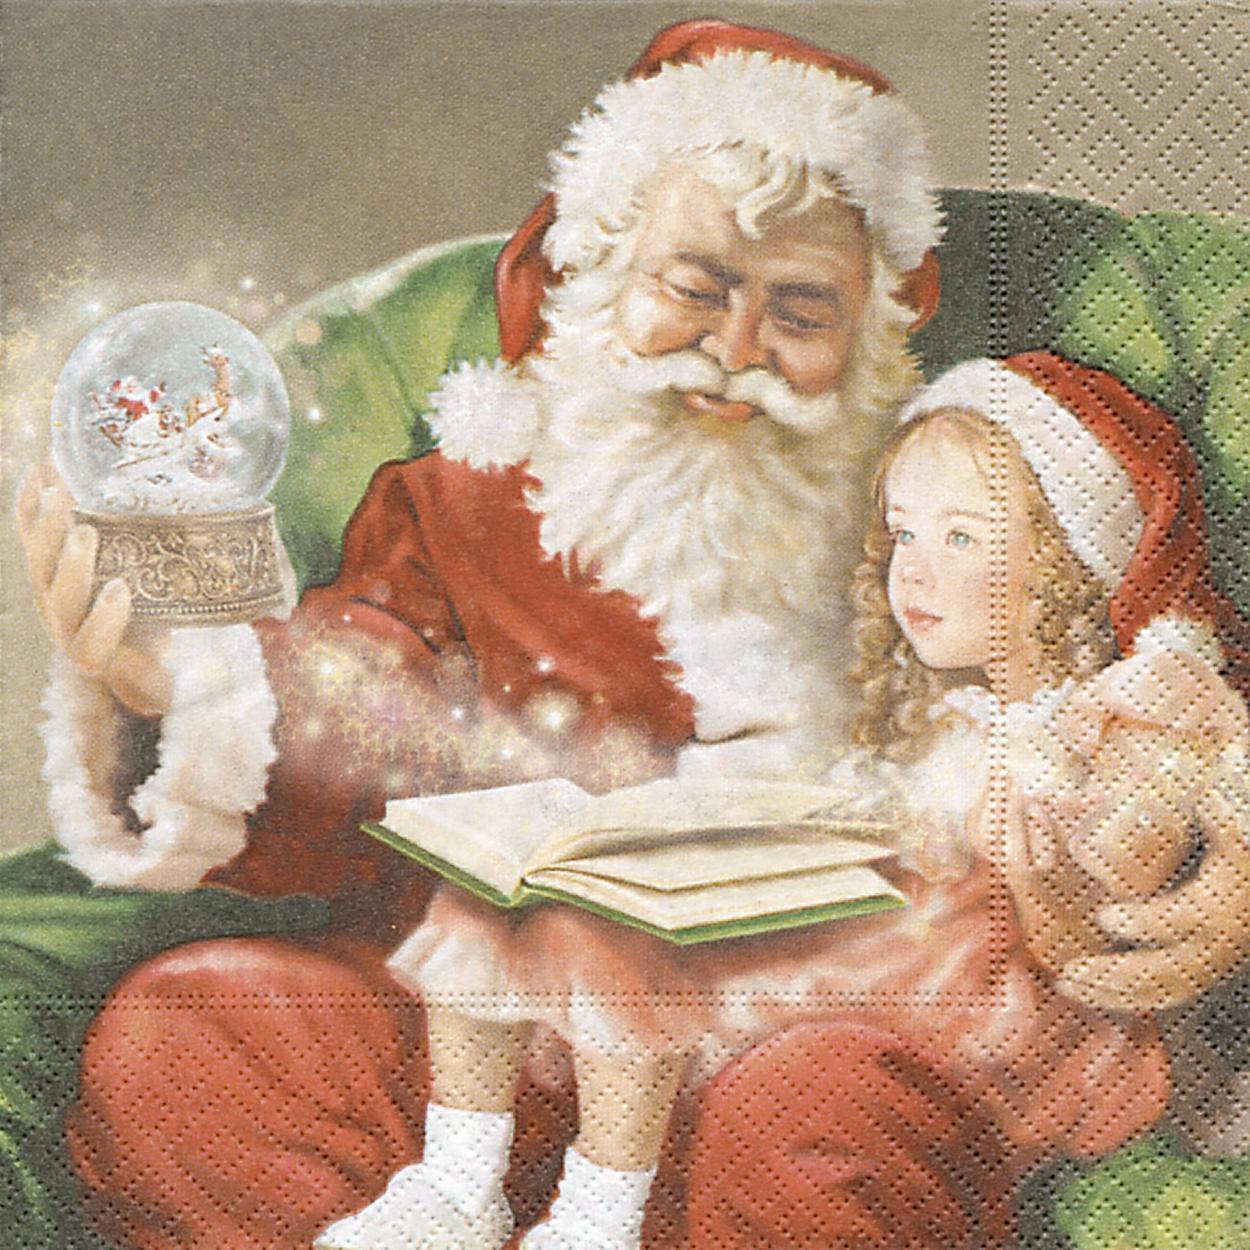 Cocktail Servietten A Christmas carol,  Menschen - Kinder,  Weihnachten - Weihnachtsmann,  Weihnachten,  cocktail servietten,  Weihnachtsmann,  Kinder